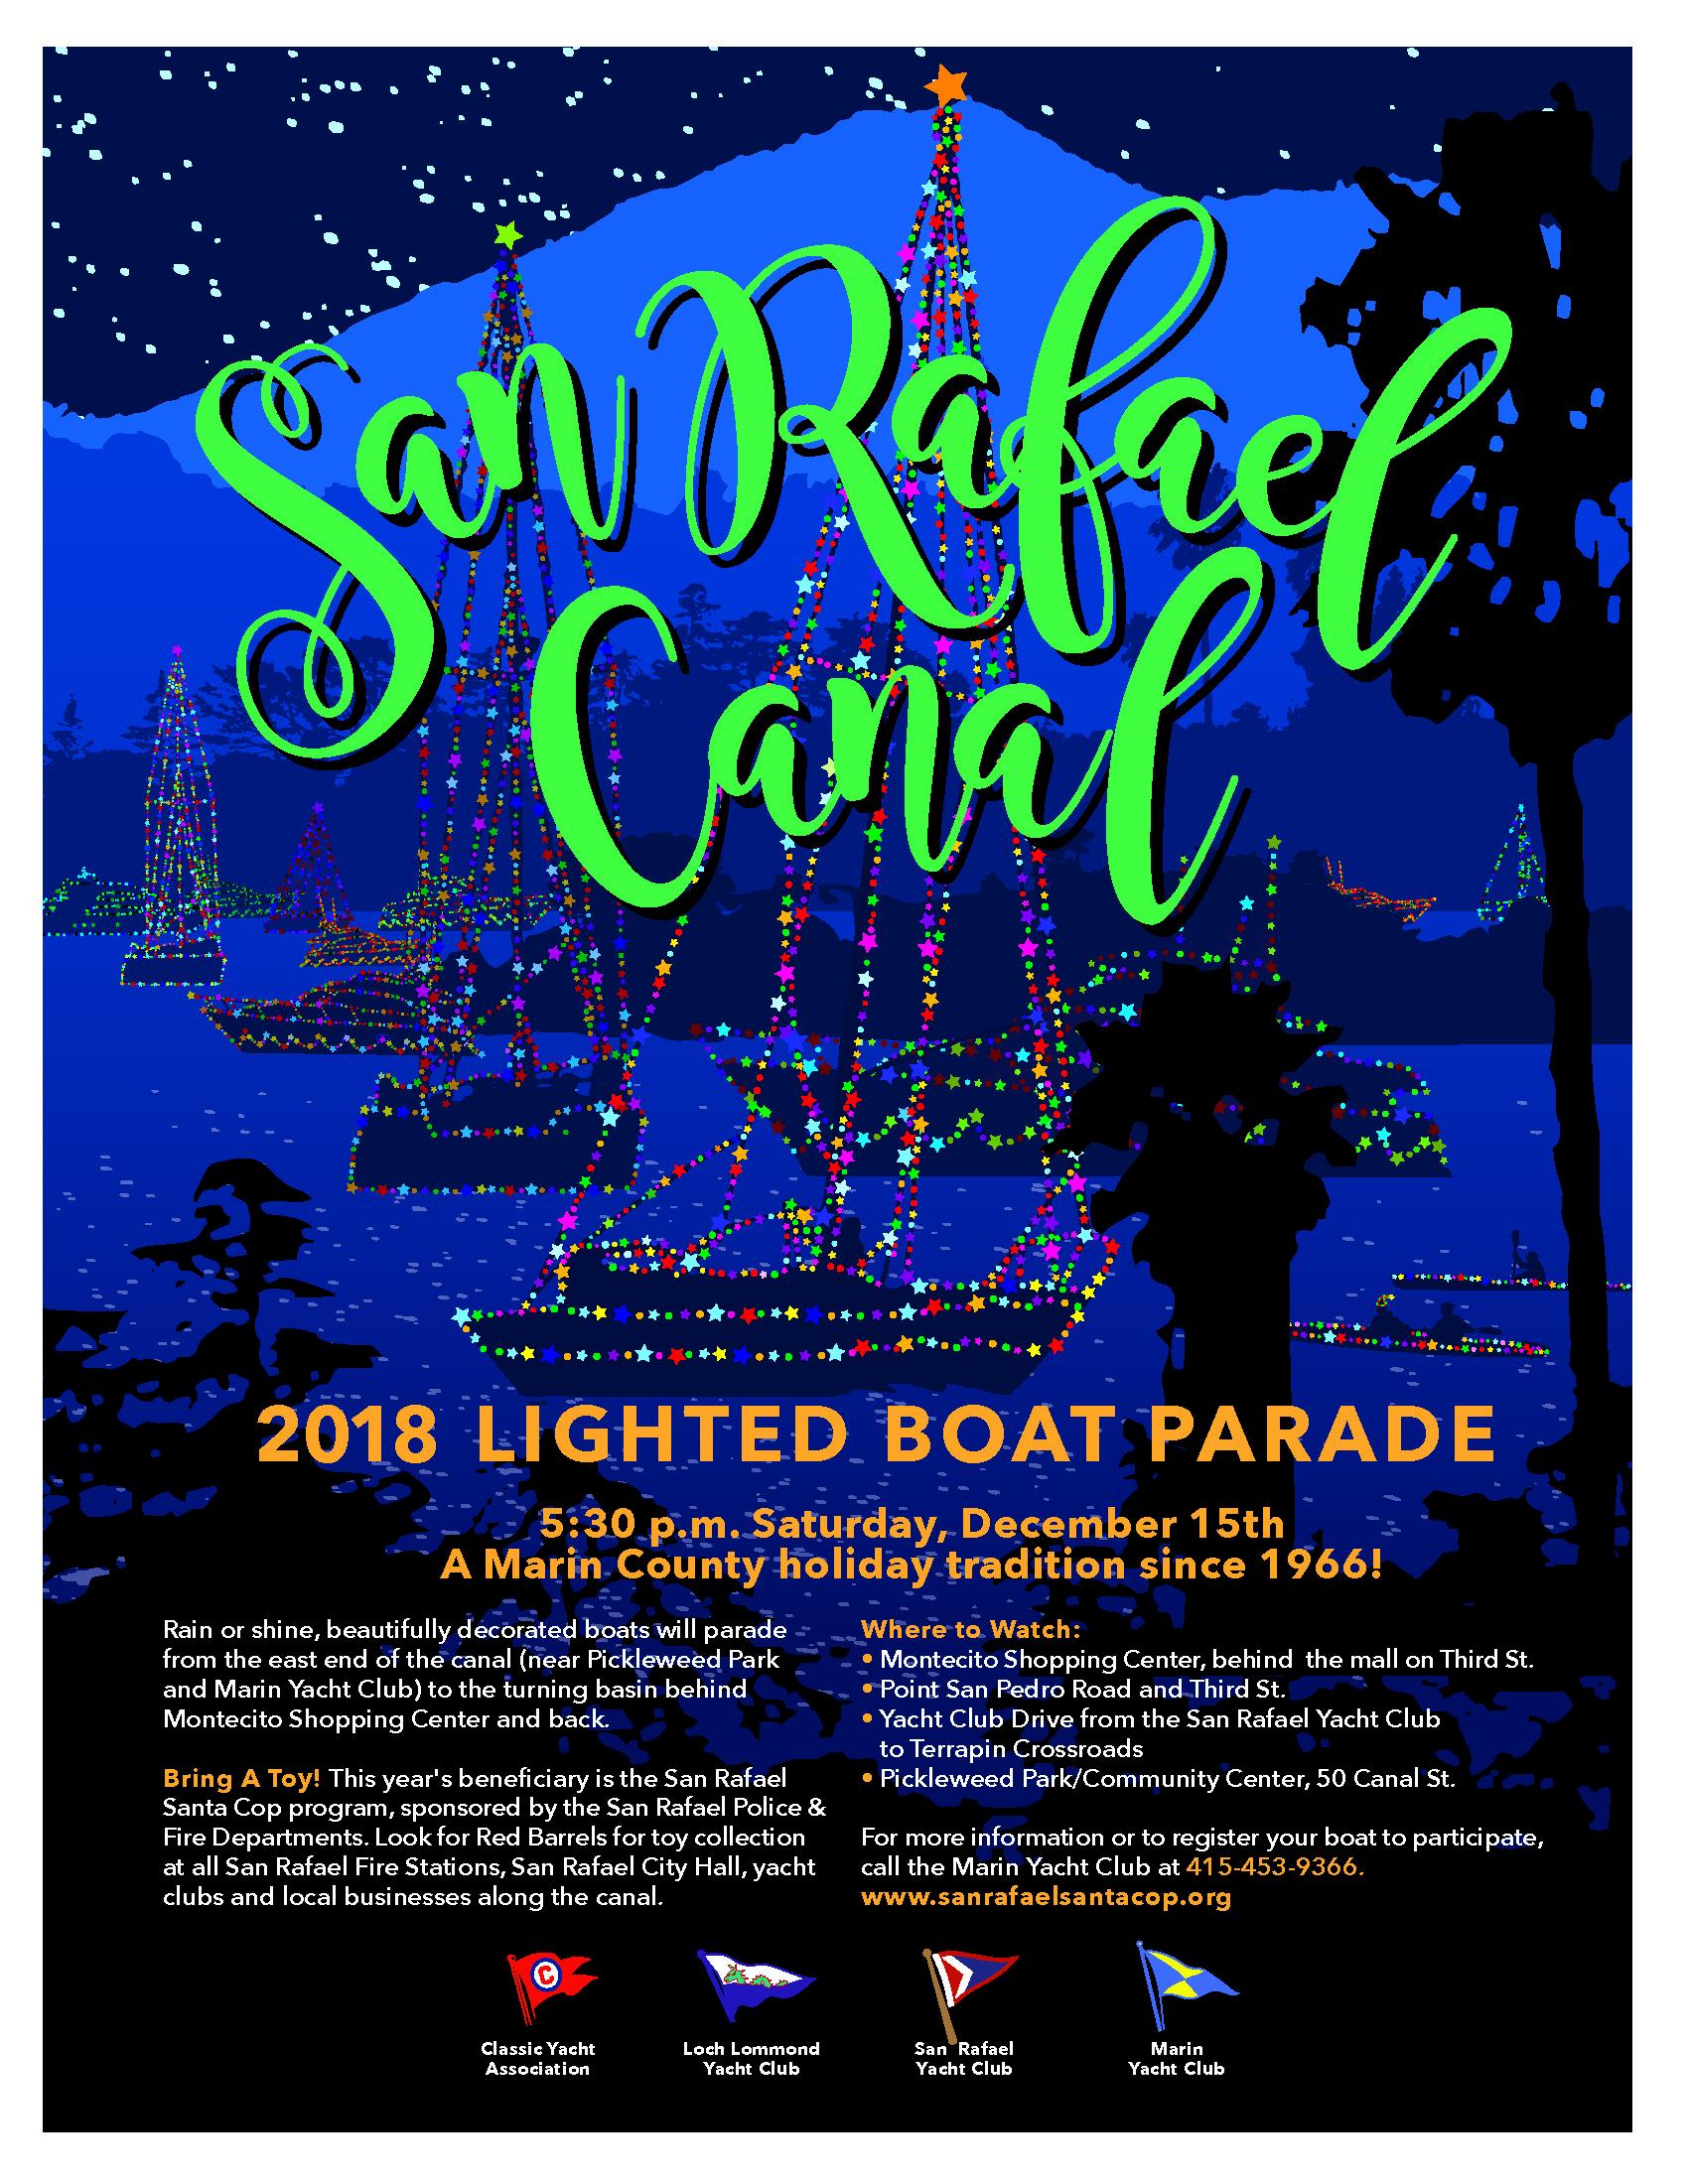 2018 Lighted Boat Parade Flier